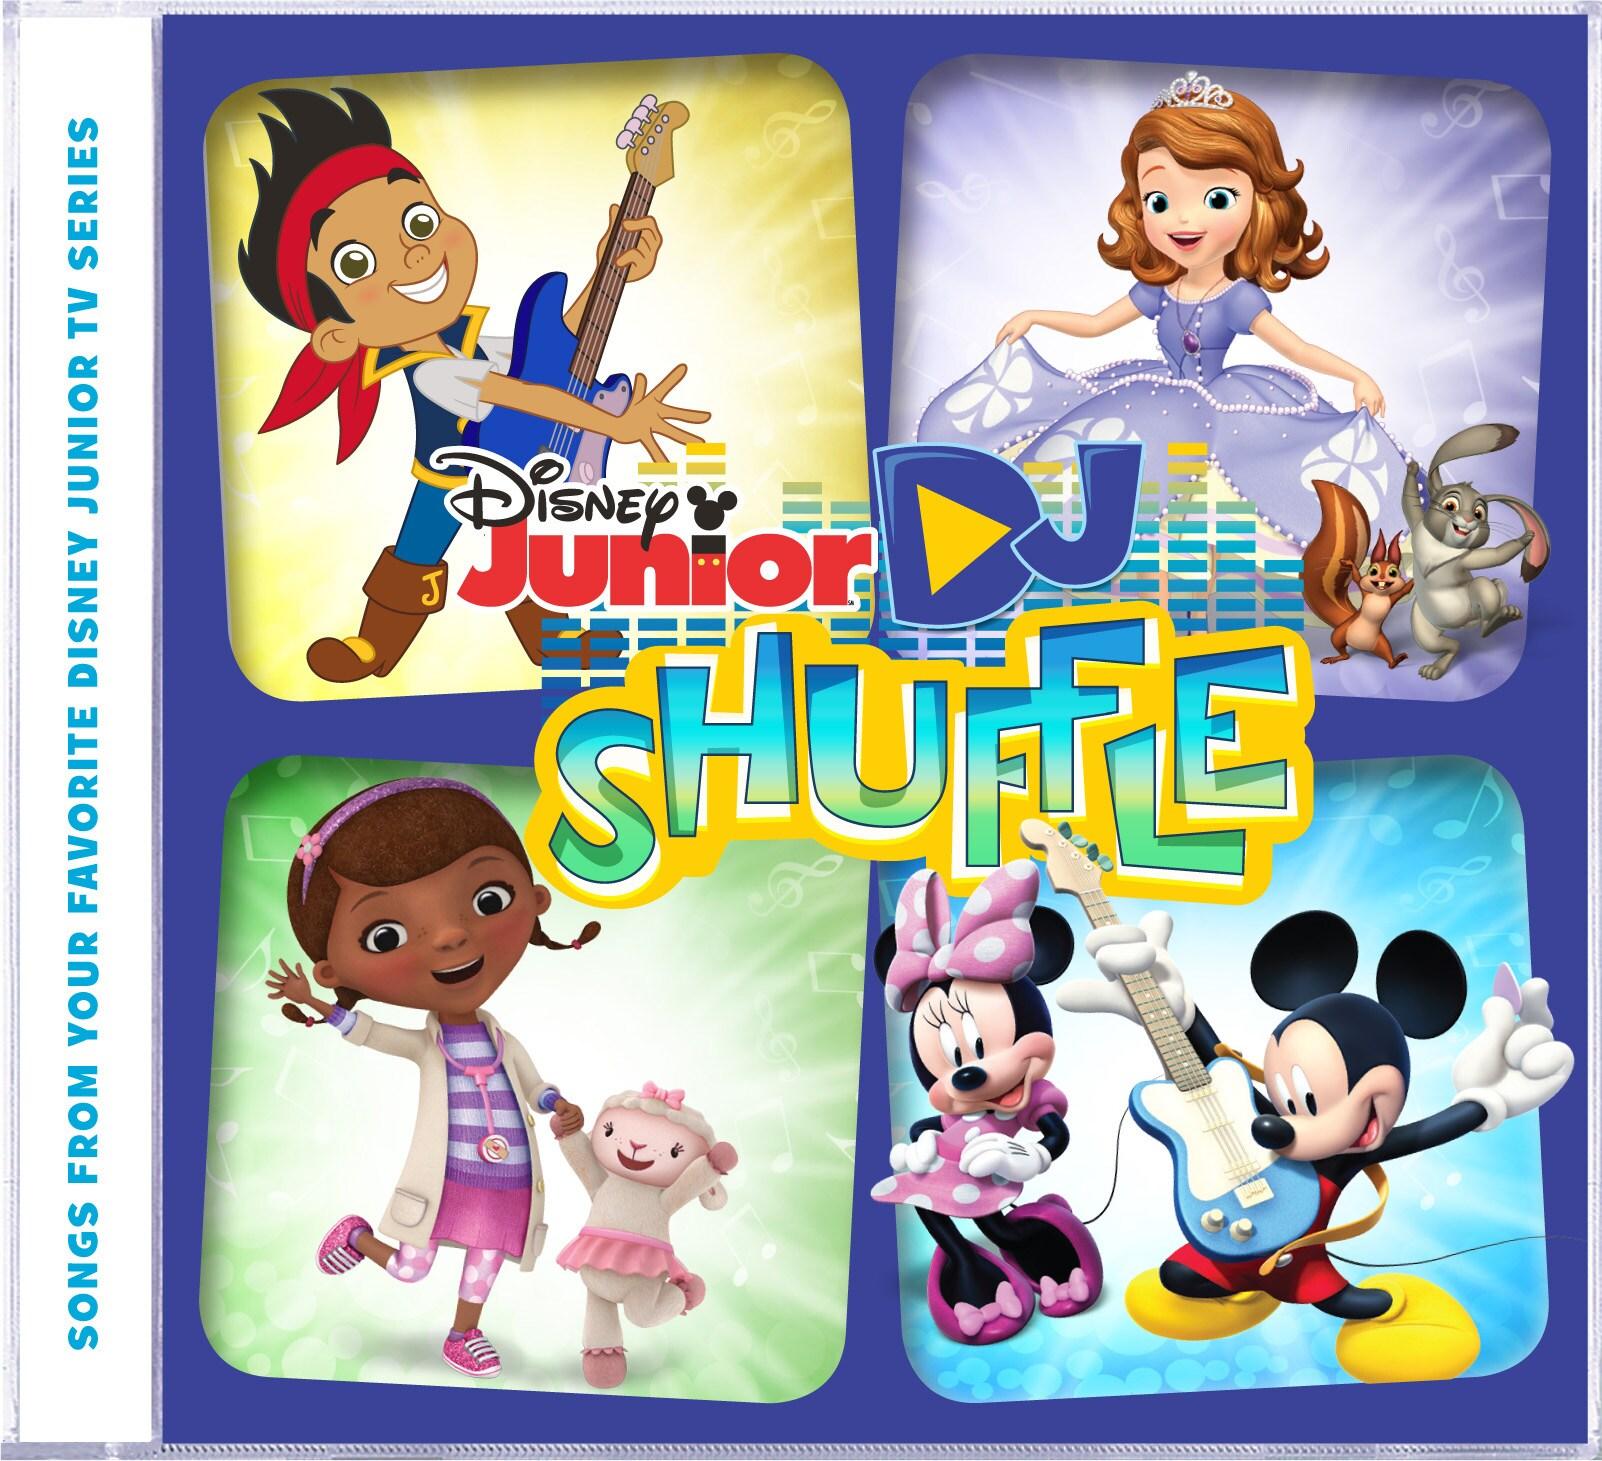 Disney Junior DJ Shuffle